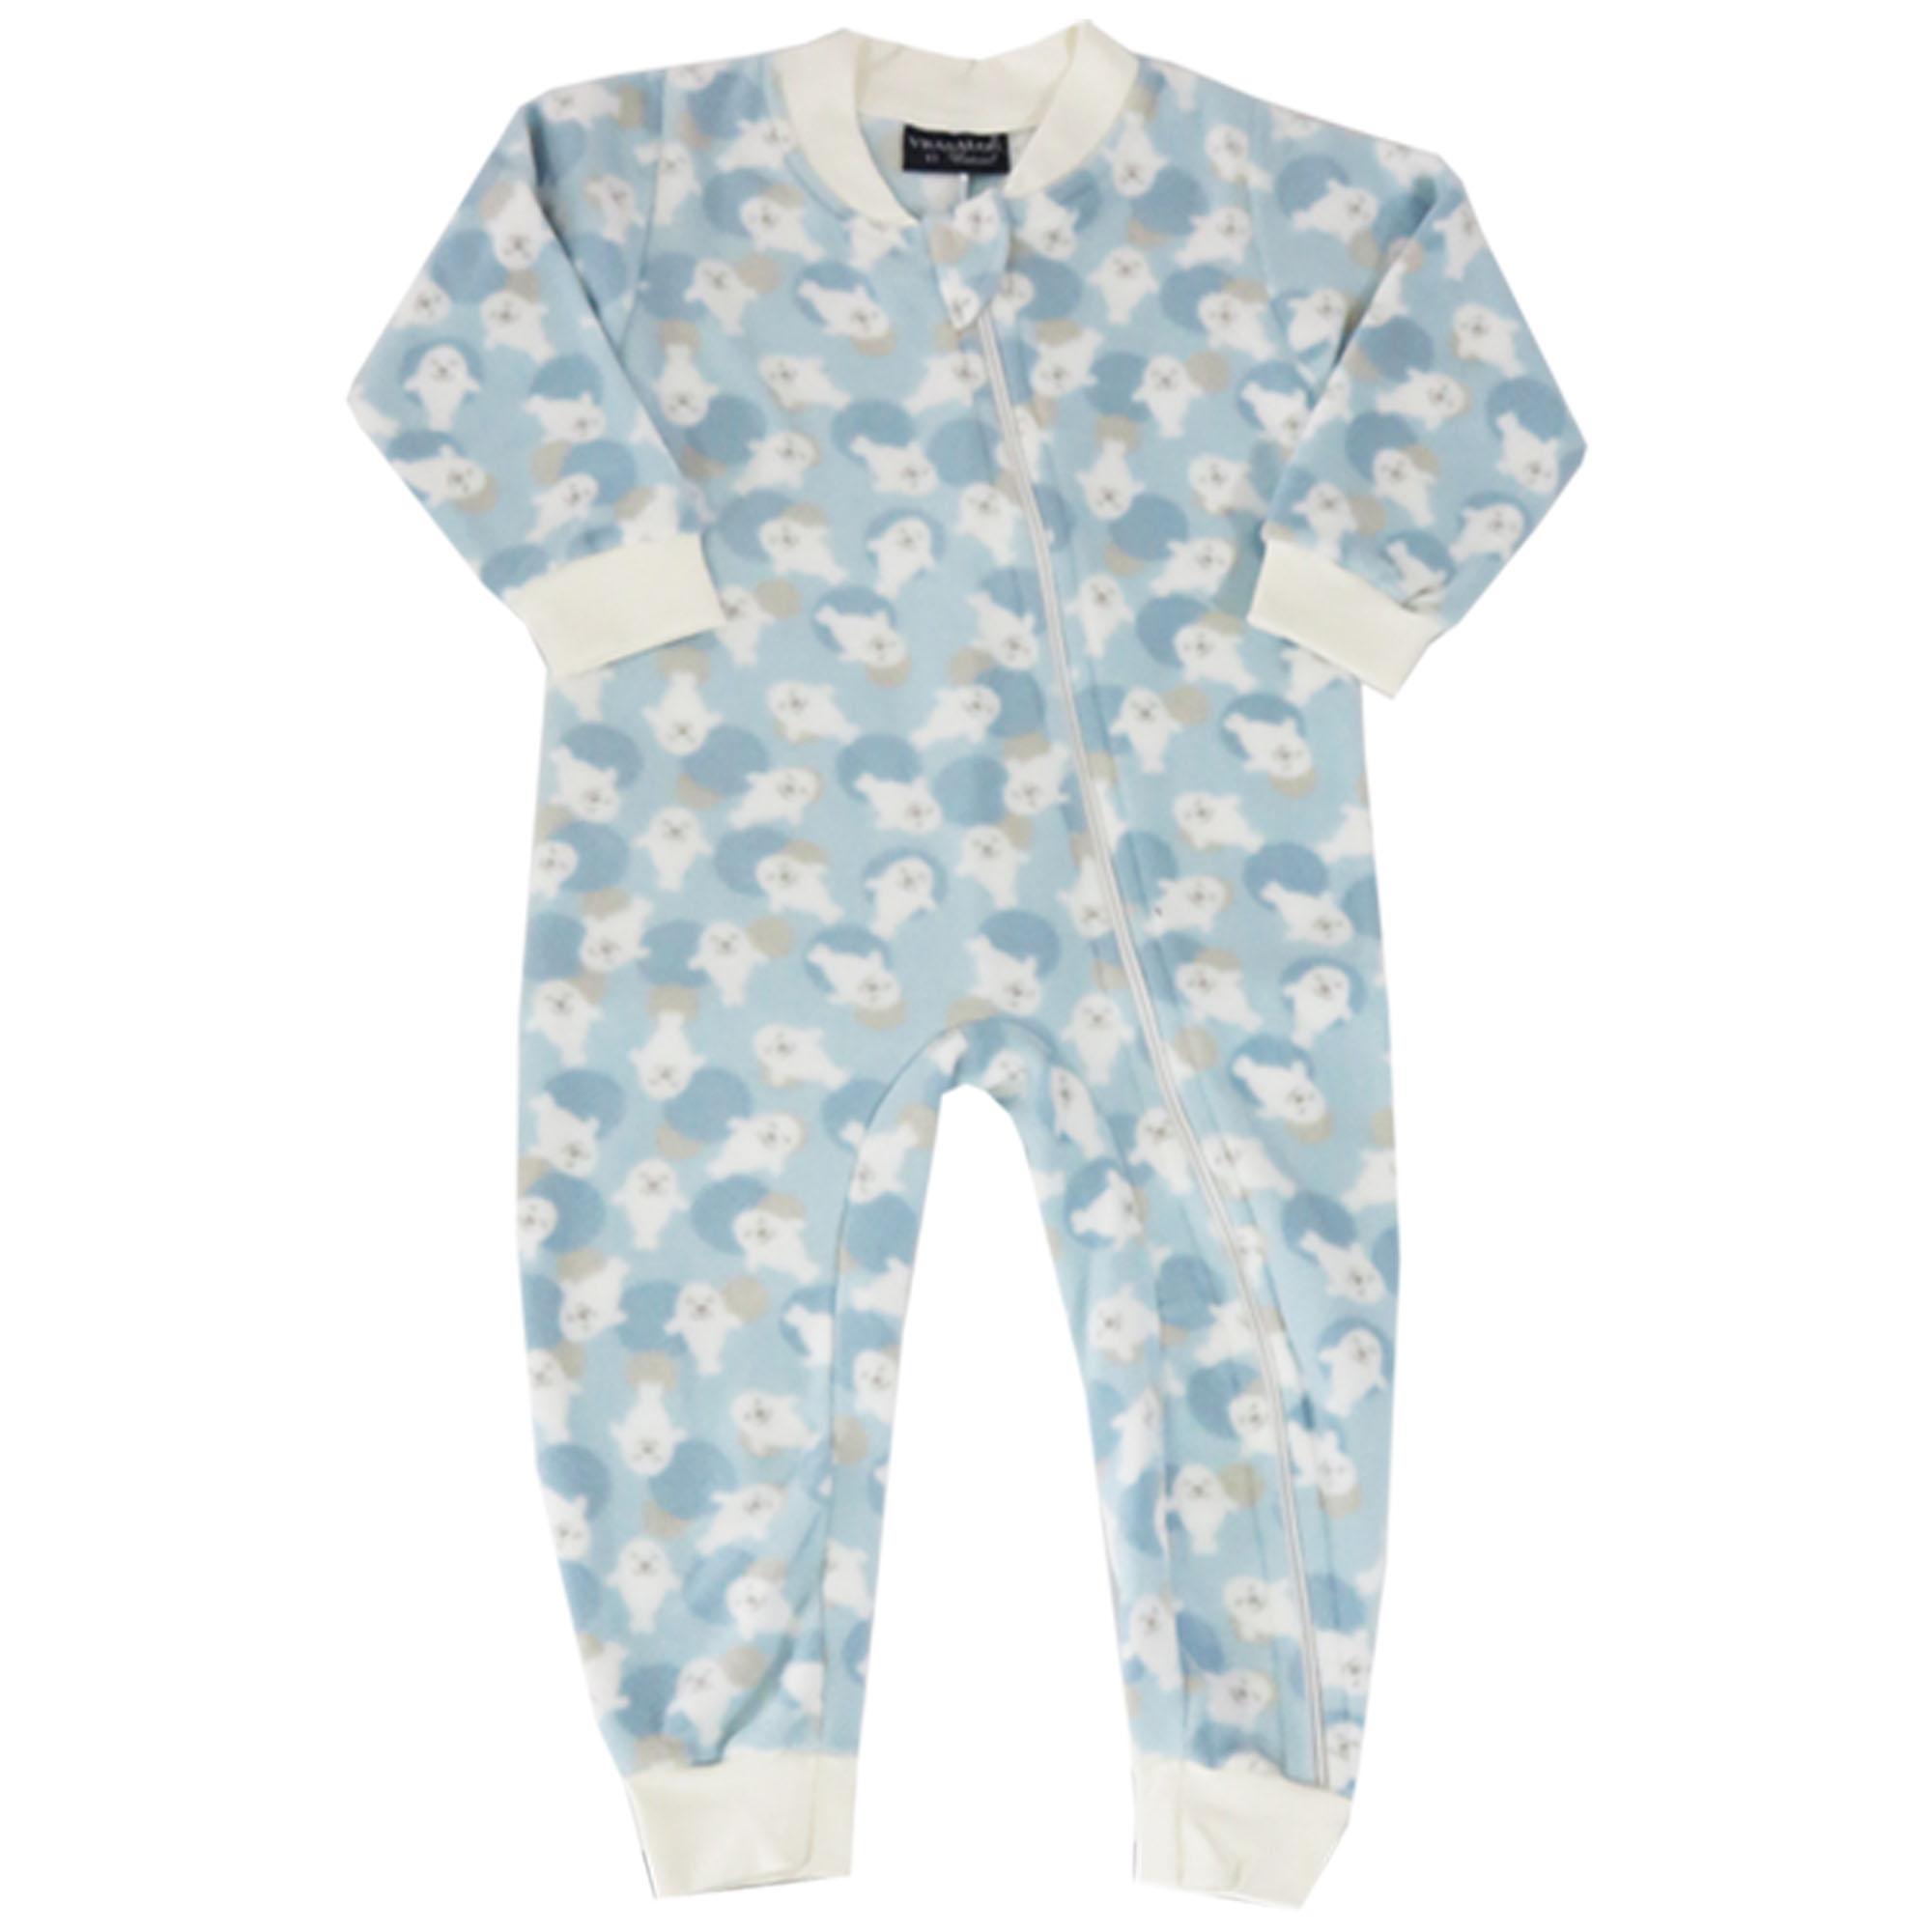 Macacão Pijama Inverno Vrasalon Soft Foquinhas - 01 ao 03